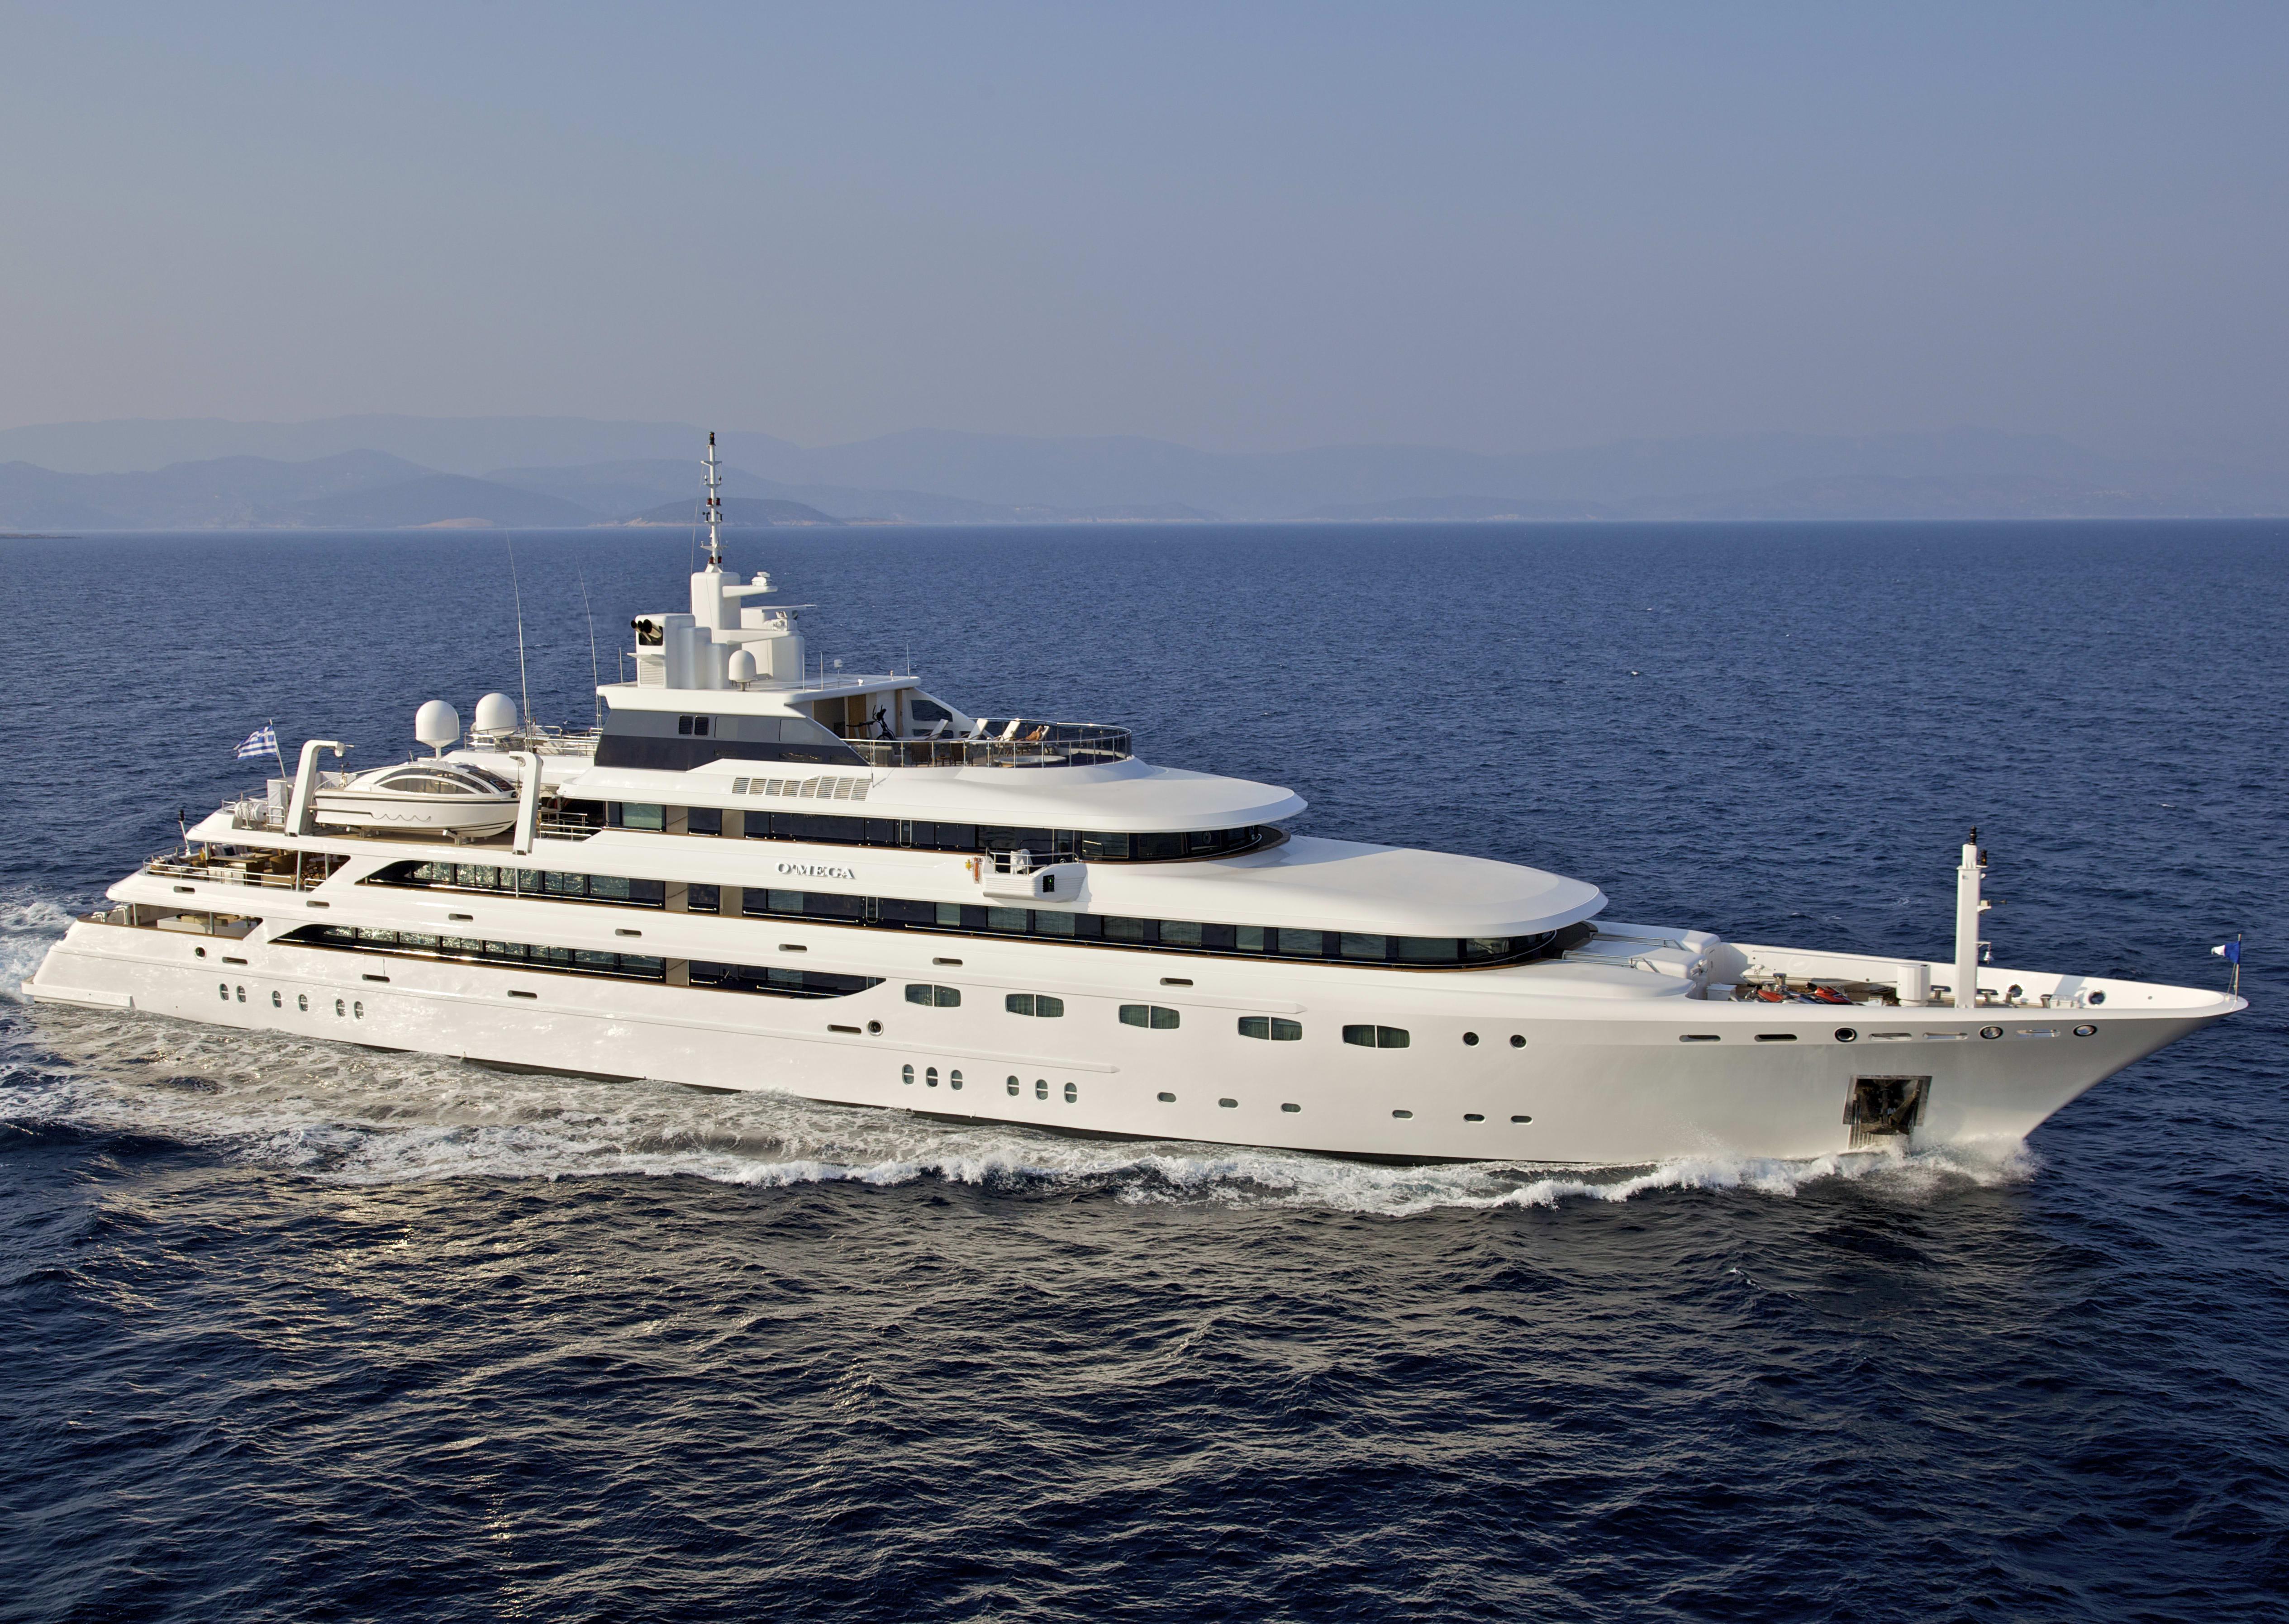 Image of O'mega 82.5M (270.7FT) motor yacht